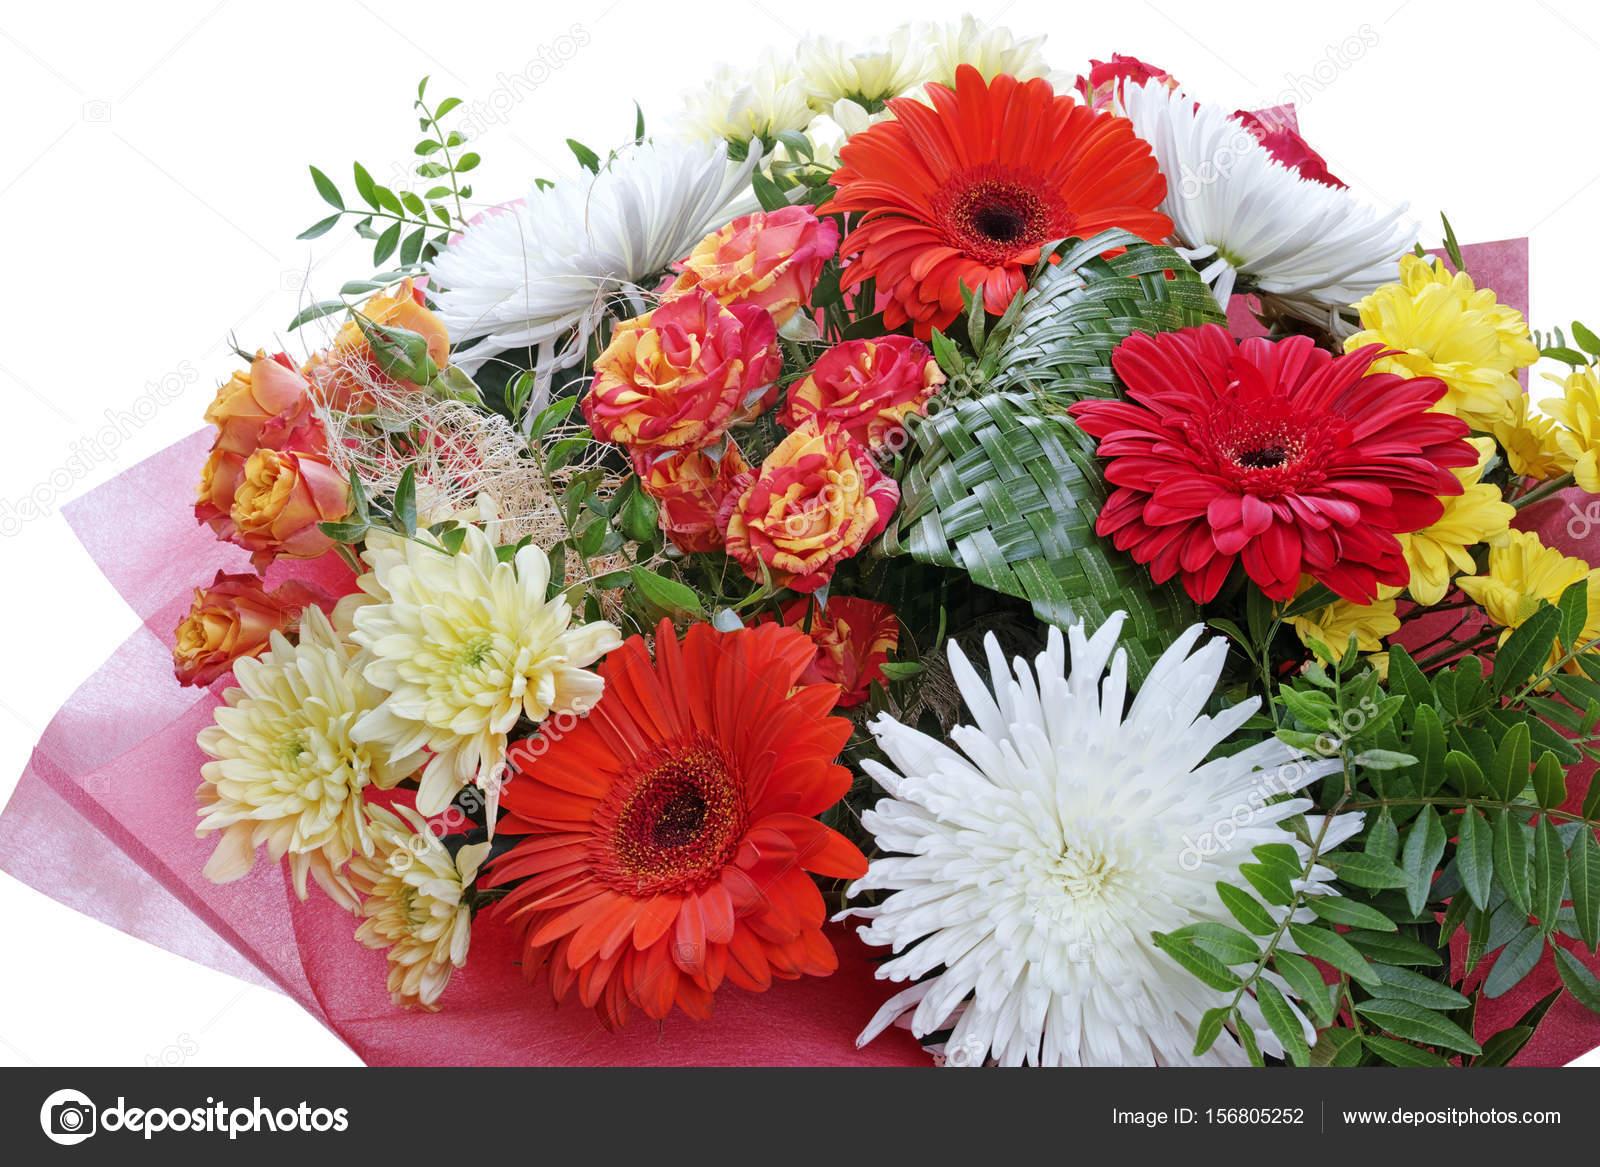 magnifique bouquet de fleurs sur blanc photographie. Black Bedroom Furniture Sets. Home Design Ideas